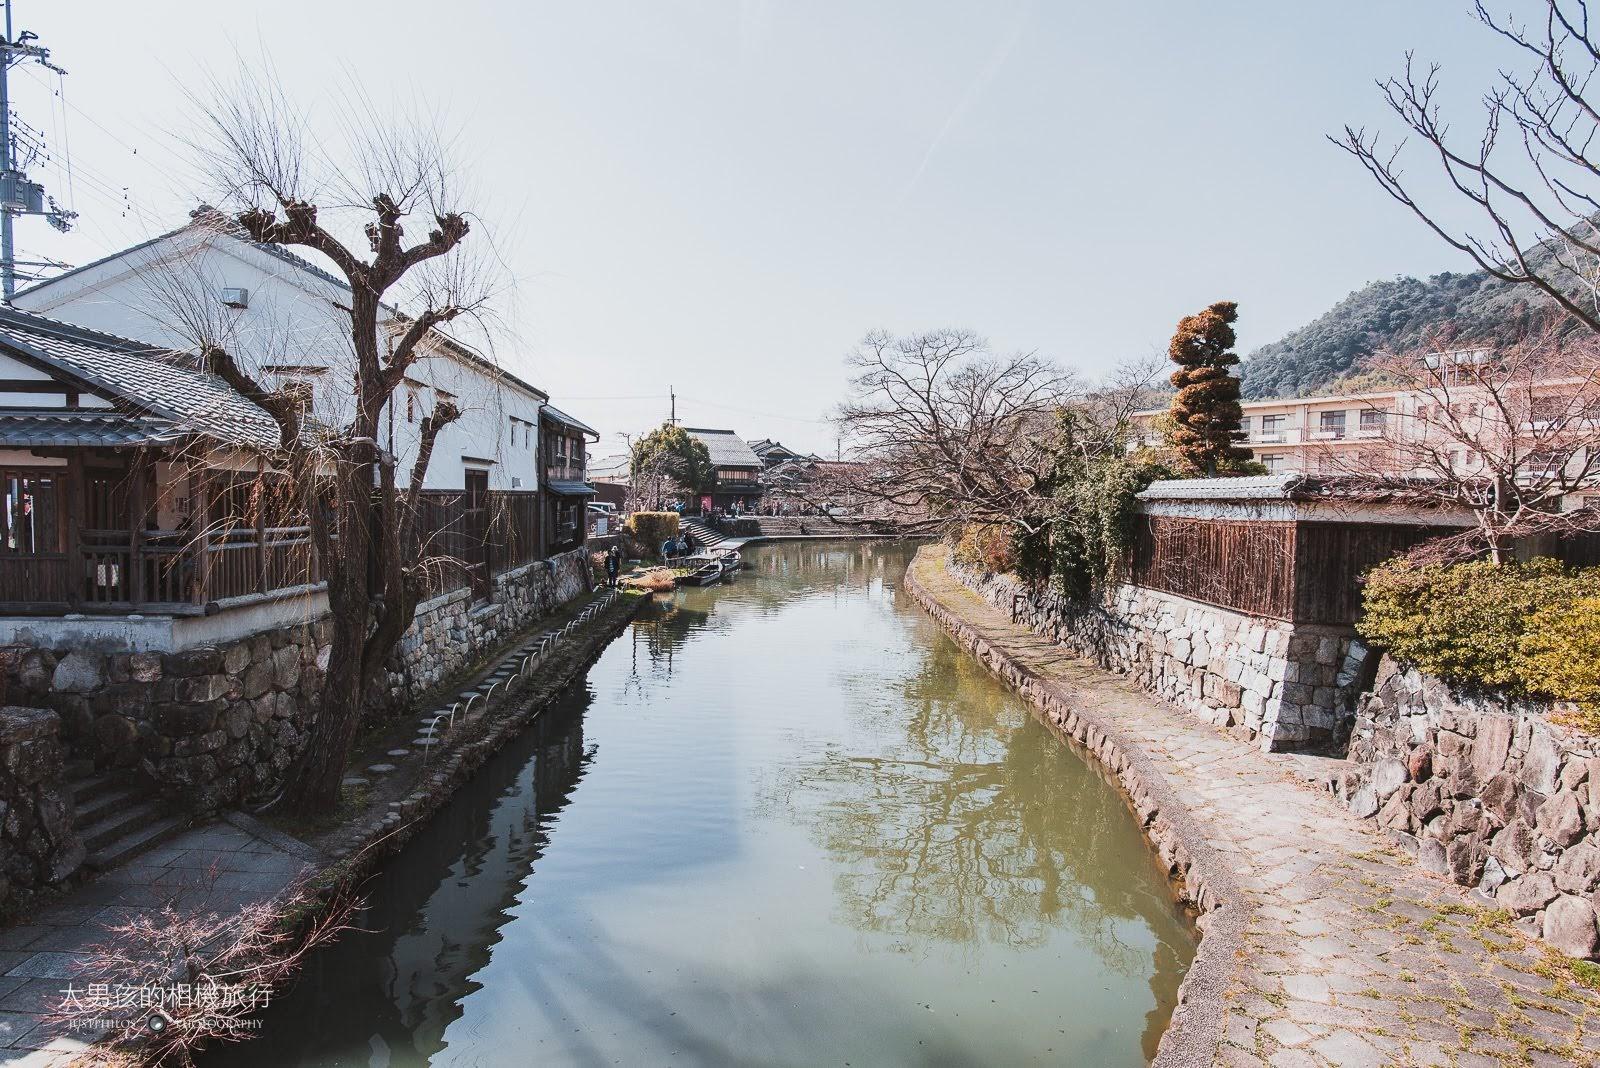 走上木橋還可以用高角度的方式看八幡堀,就算沒有櫻花還是相當美。